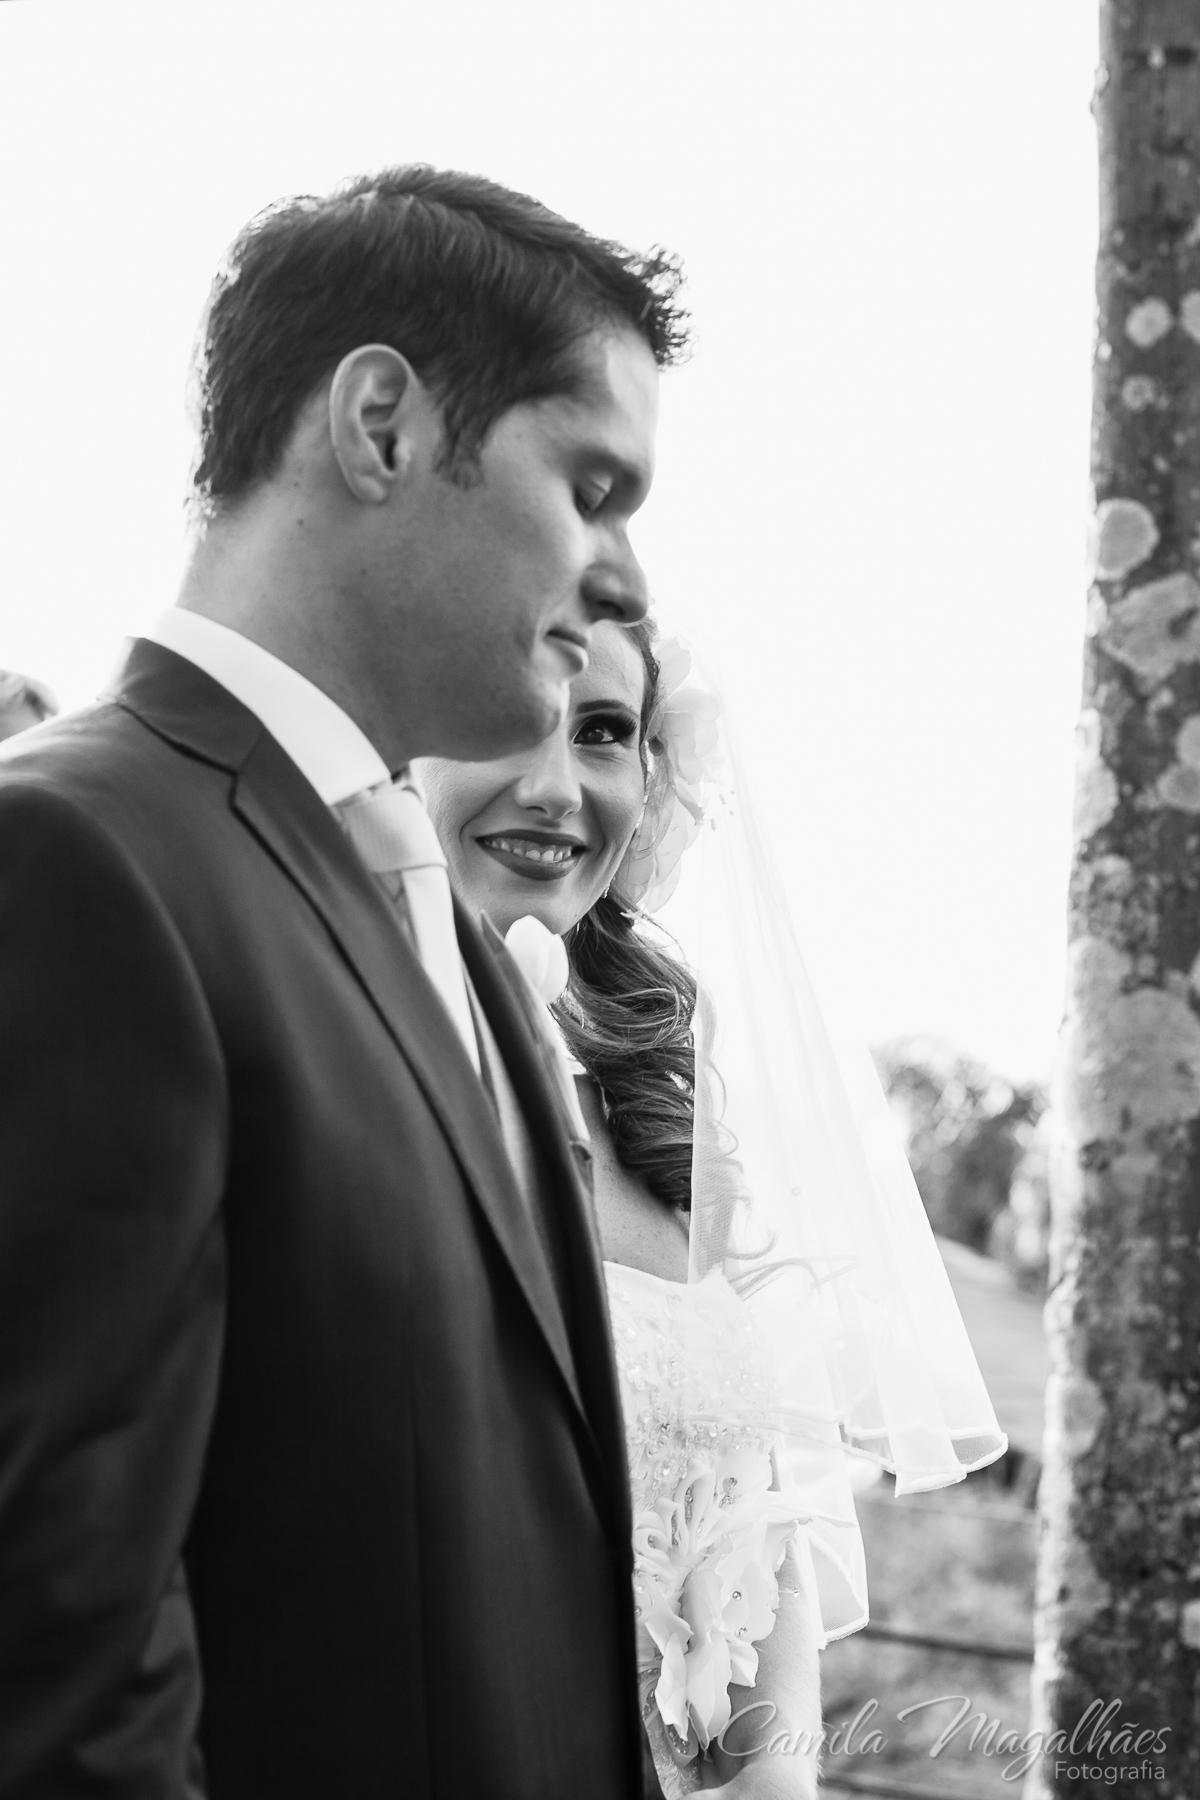 fotografia emocionante de casamento